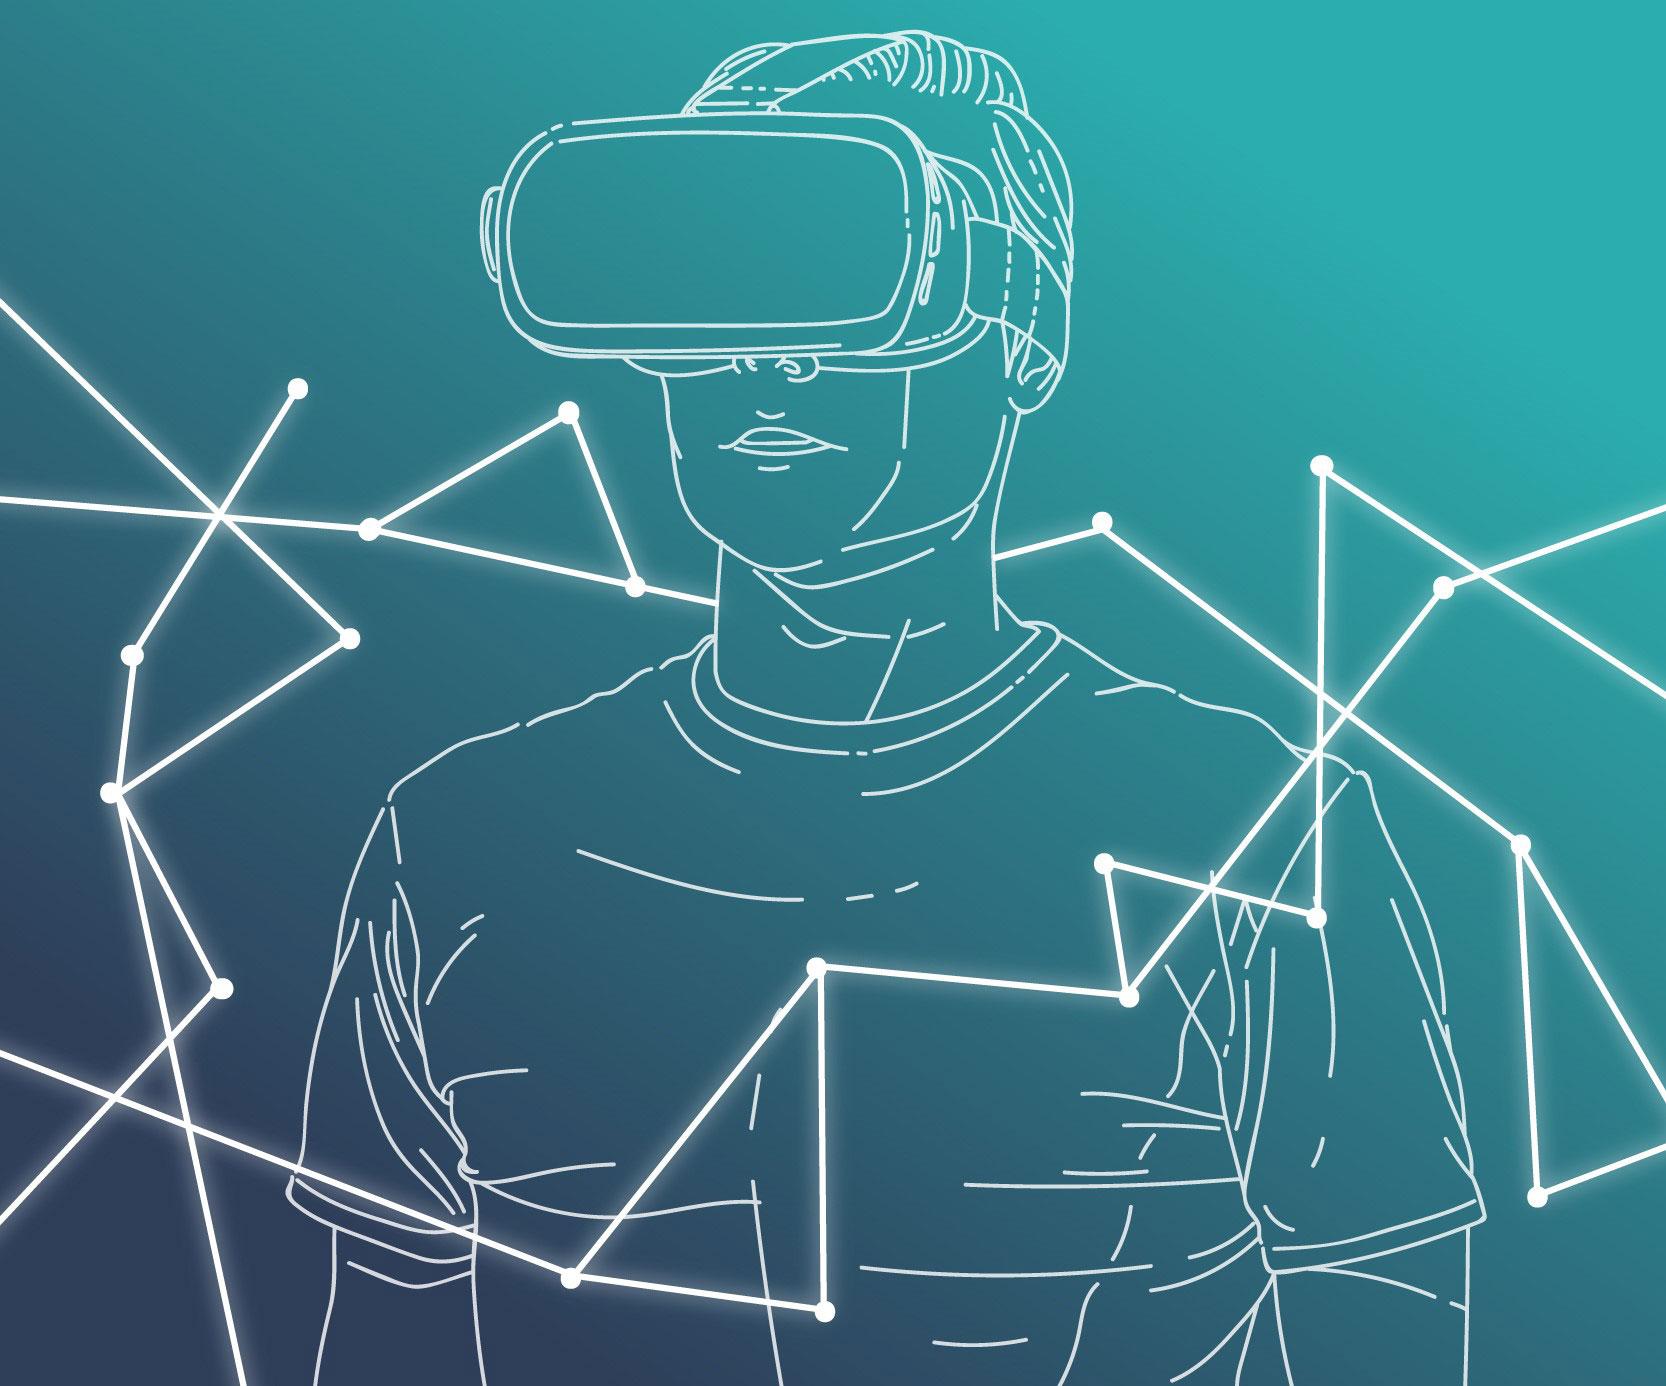 تکنولوژی واقعیت مجازی